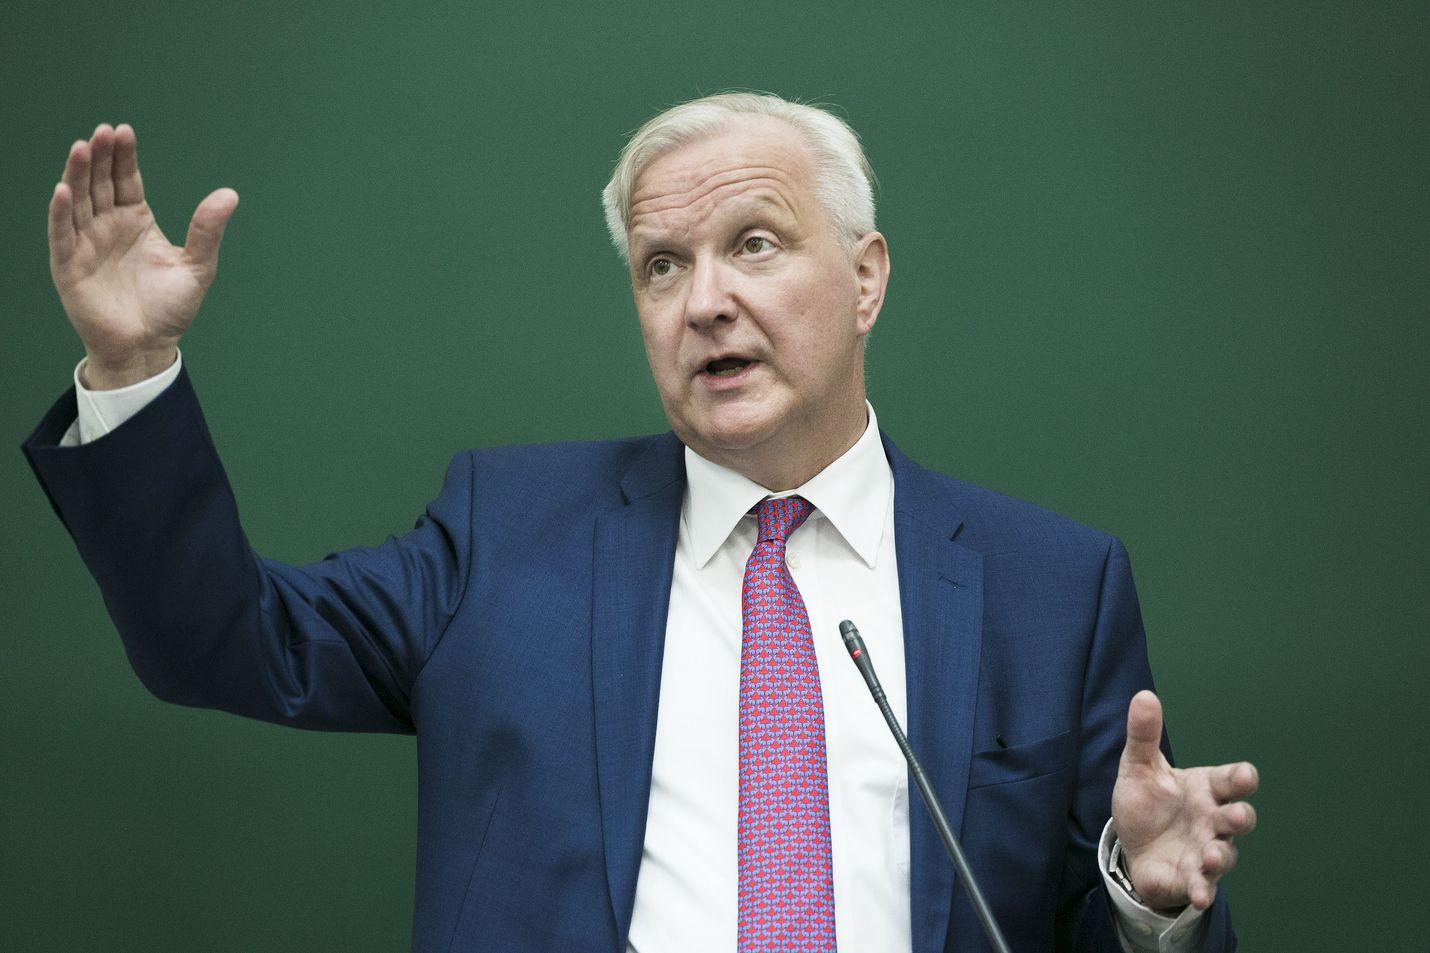 Suomen Pankin pääjohtaja Olli Rehn sanoi Ylen ykkösaamussa, että hän ei sulje pois presidenttiehdokkuutta, mutta hoidetaan koronakriisi ensin alta pois ja palataan sitten näihin kysymyksiin.